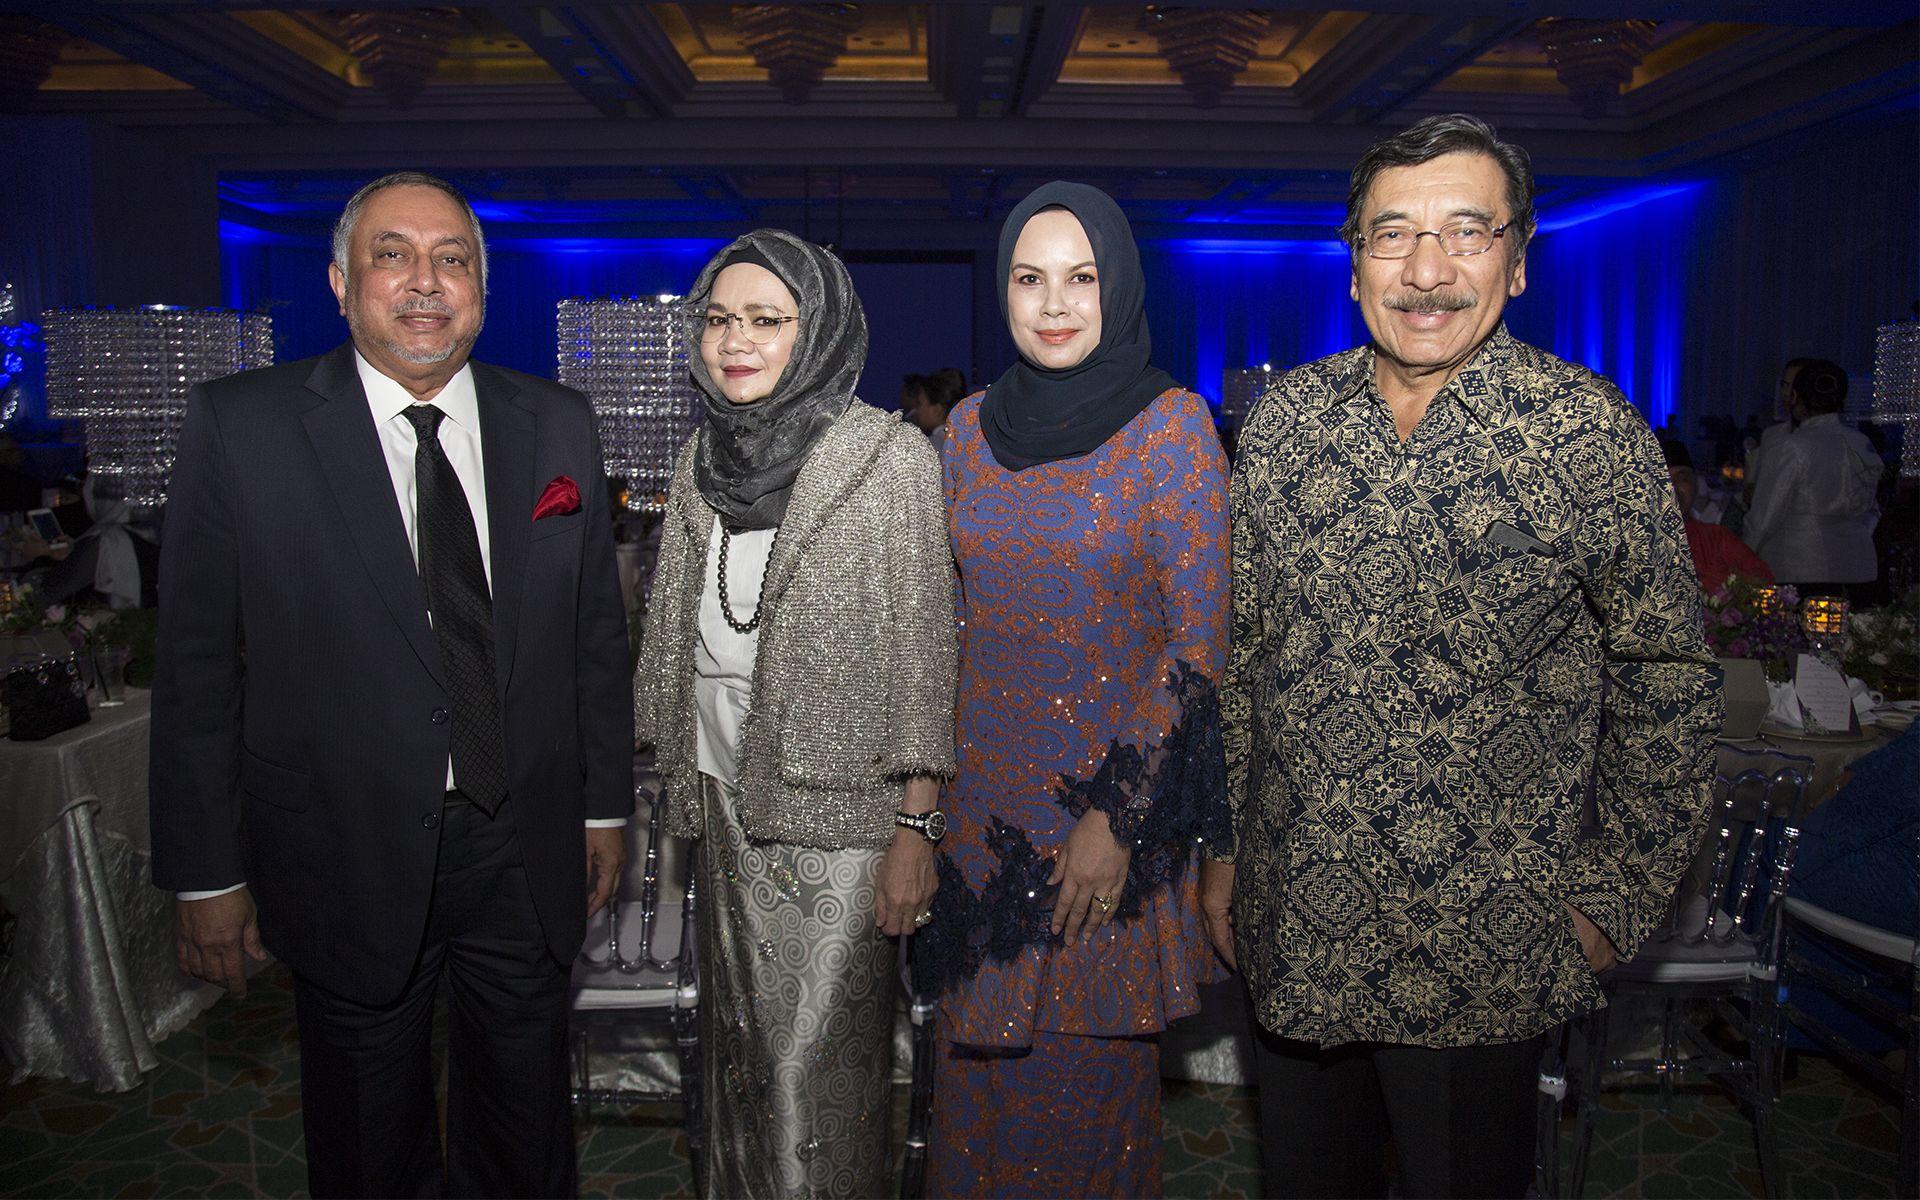 Tan Sri Zainul Azman, Puan Sri Nora Shariff, Datin Seri Dottie Kamaluddin and Dato' Seri Khalil Akasah